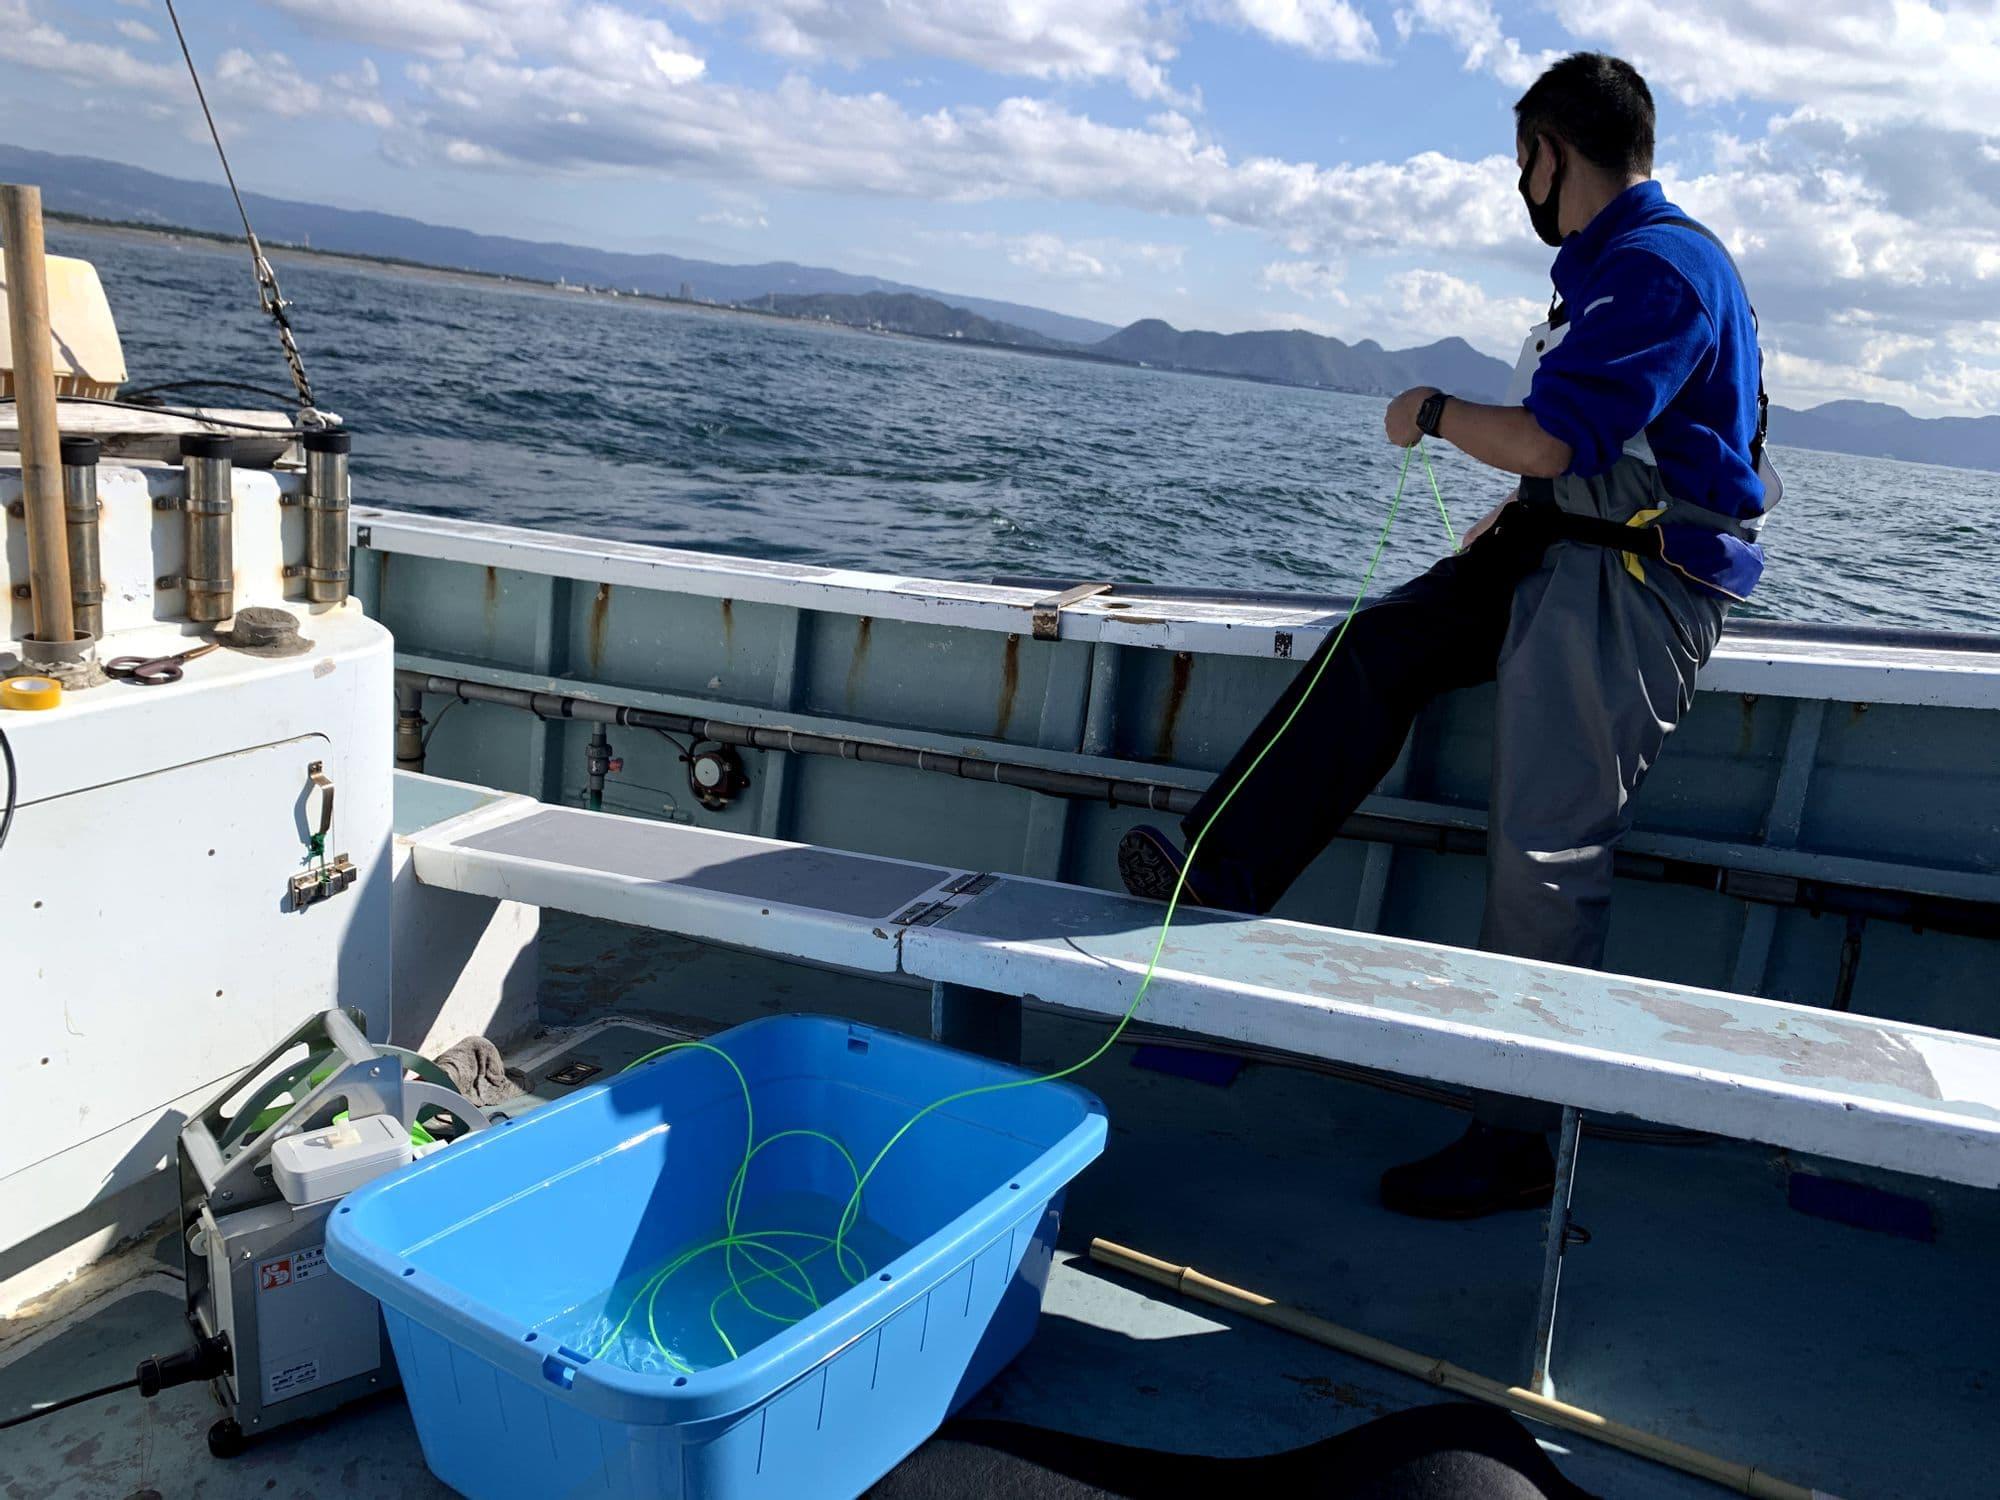 ケーブルのコントロールをするサンシャイン水族館のタカミヤさん。海が似合っていてめちゃめちゃかっこいい!